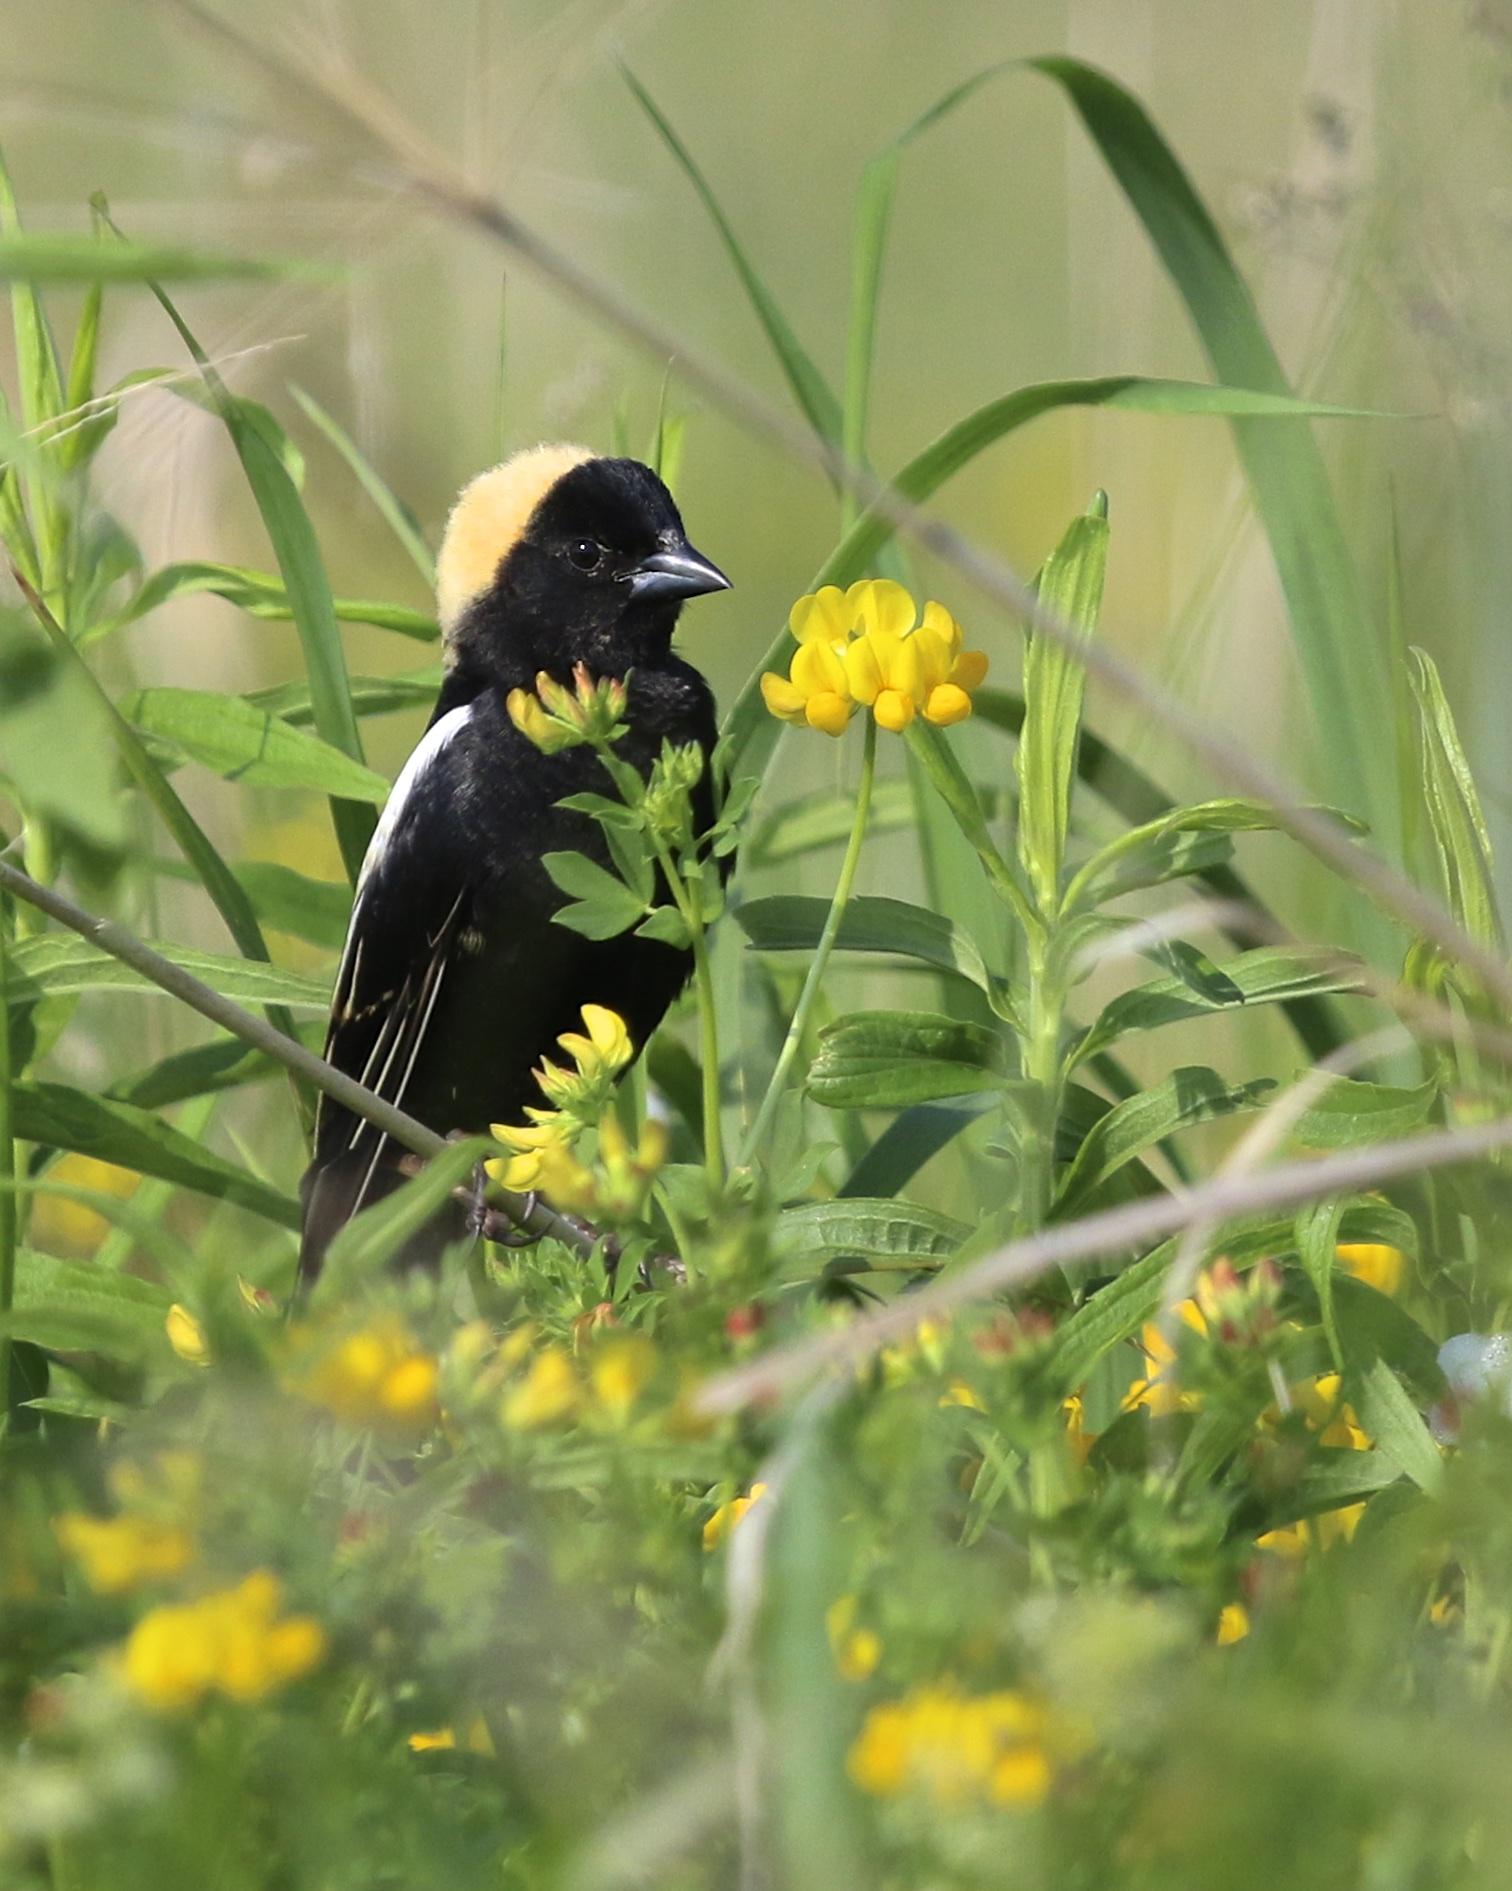 ~Bobolink at the Grasslands, 5/30/15.~